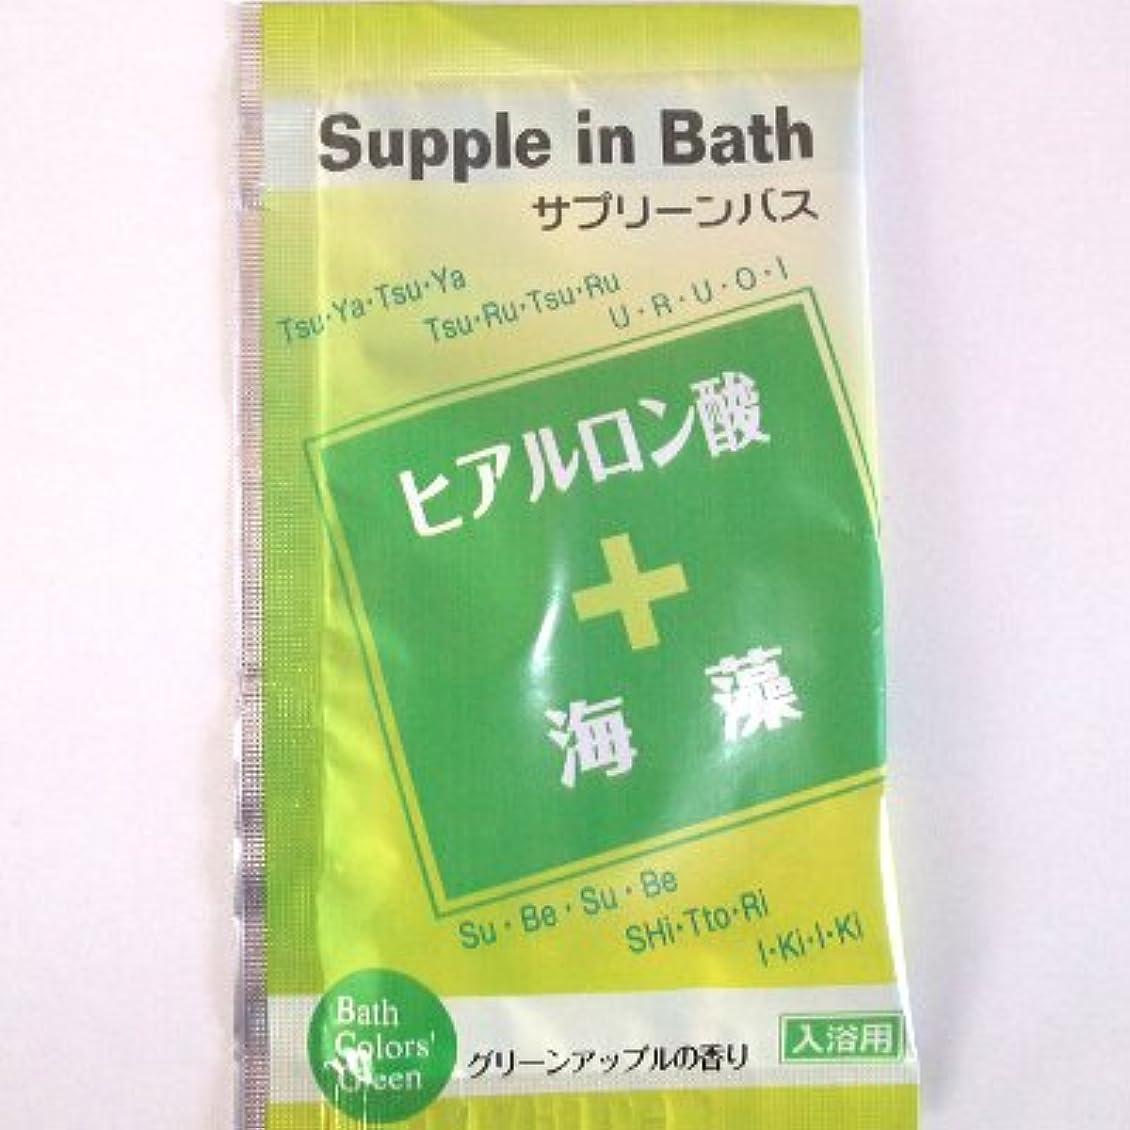 金貸し織機降雨サプリーンバス ヒアルロン酸+海藻